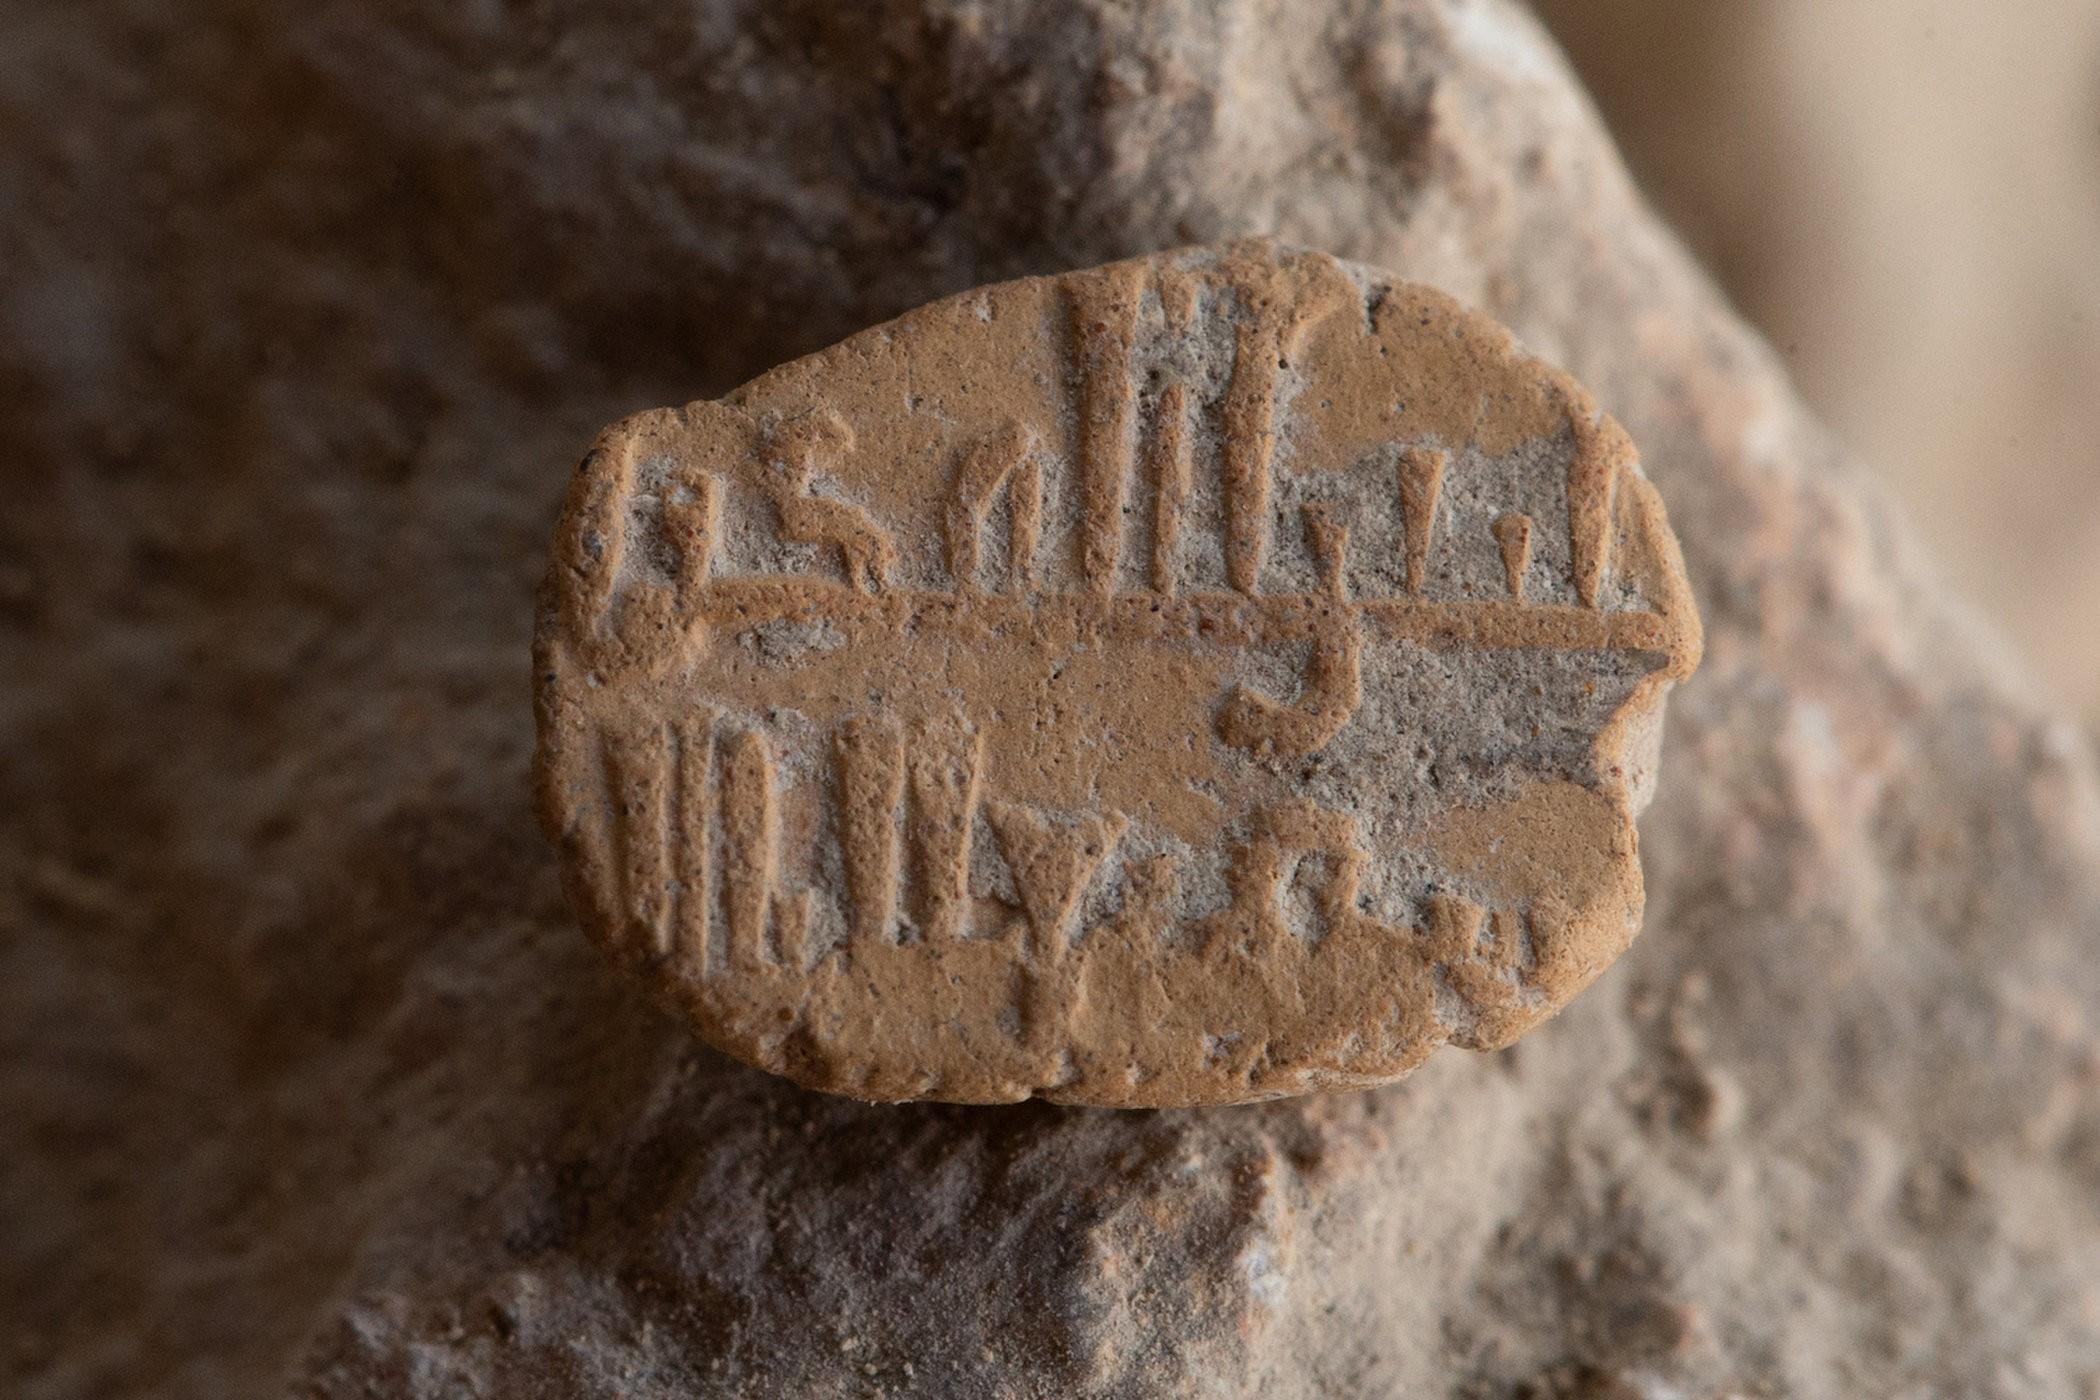 Amuleto de argila encontrado no em Jerusalém com inscrições típicas da dinastia Abássida. (Foto: Eliyahu Yanai/City of David Archives)